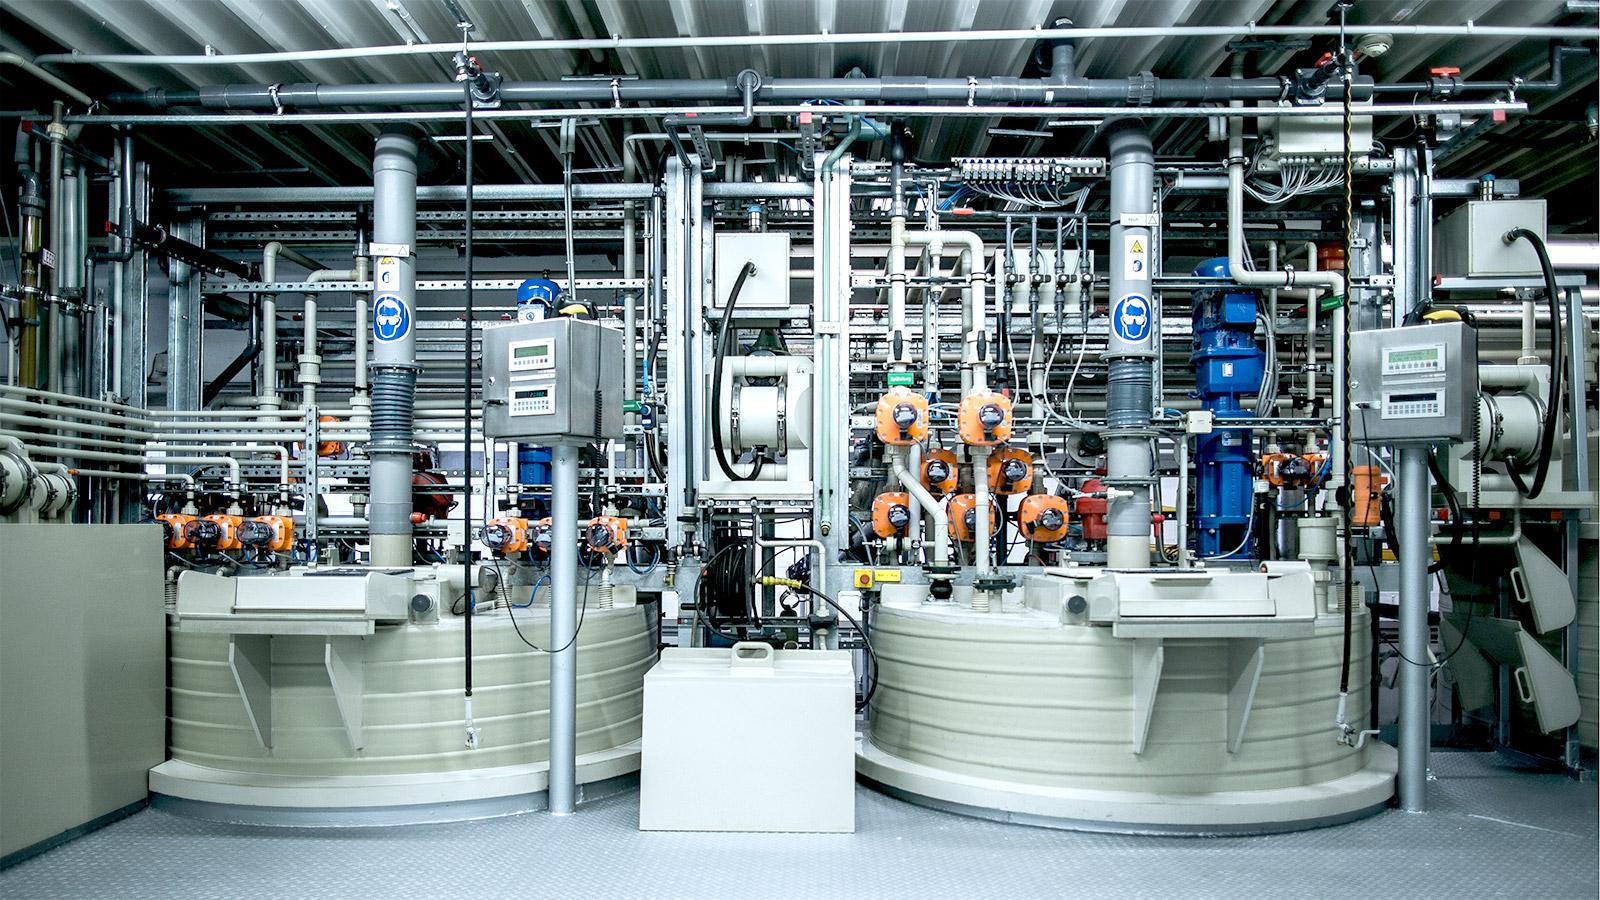 Chemischer Reaktor, Chemische Herstellung, Chemische Manufaktur, Chemische Verfahren